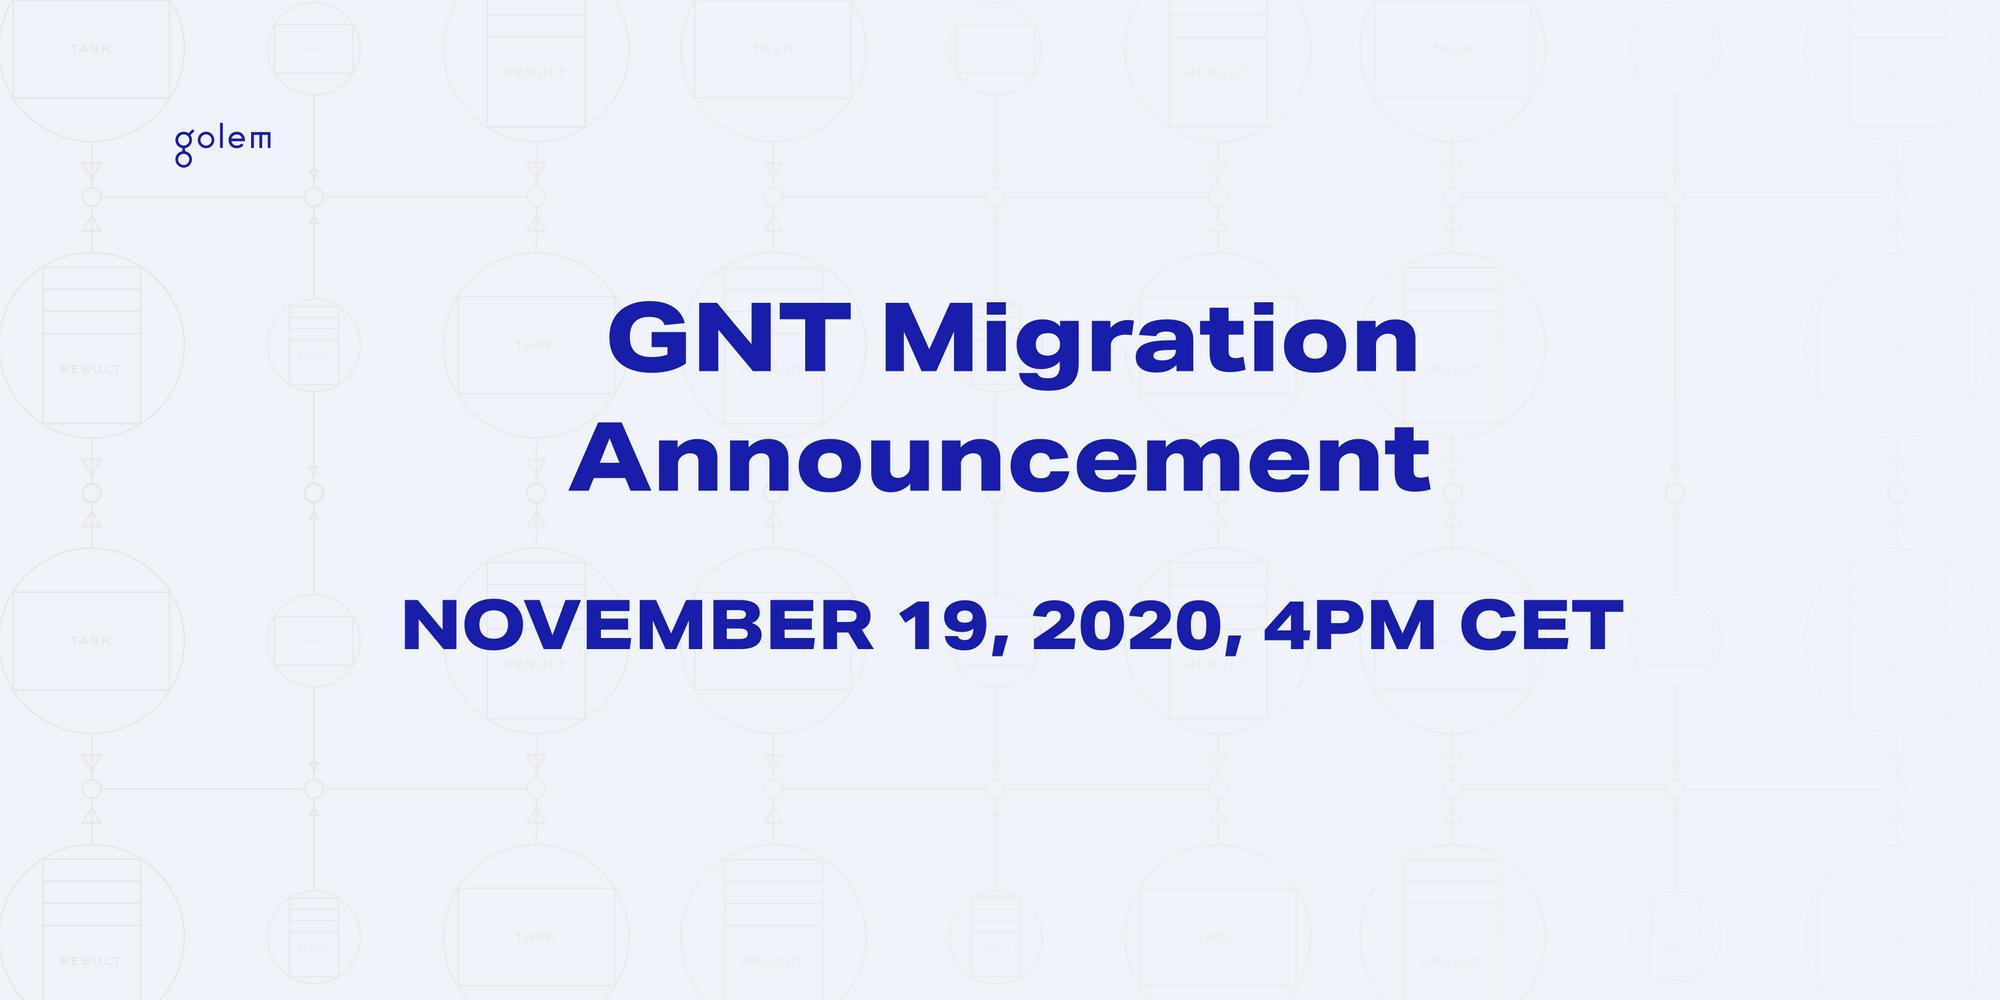 GNT migration announcement - November 19th, 2020, 4pm CET